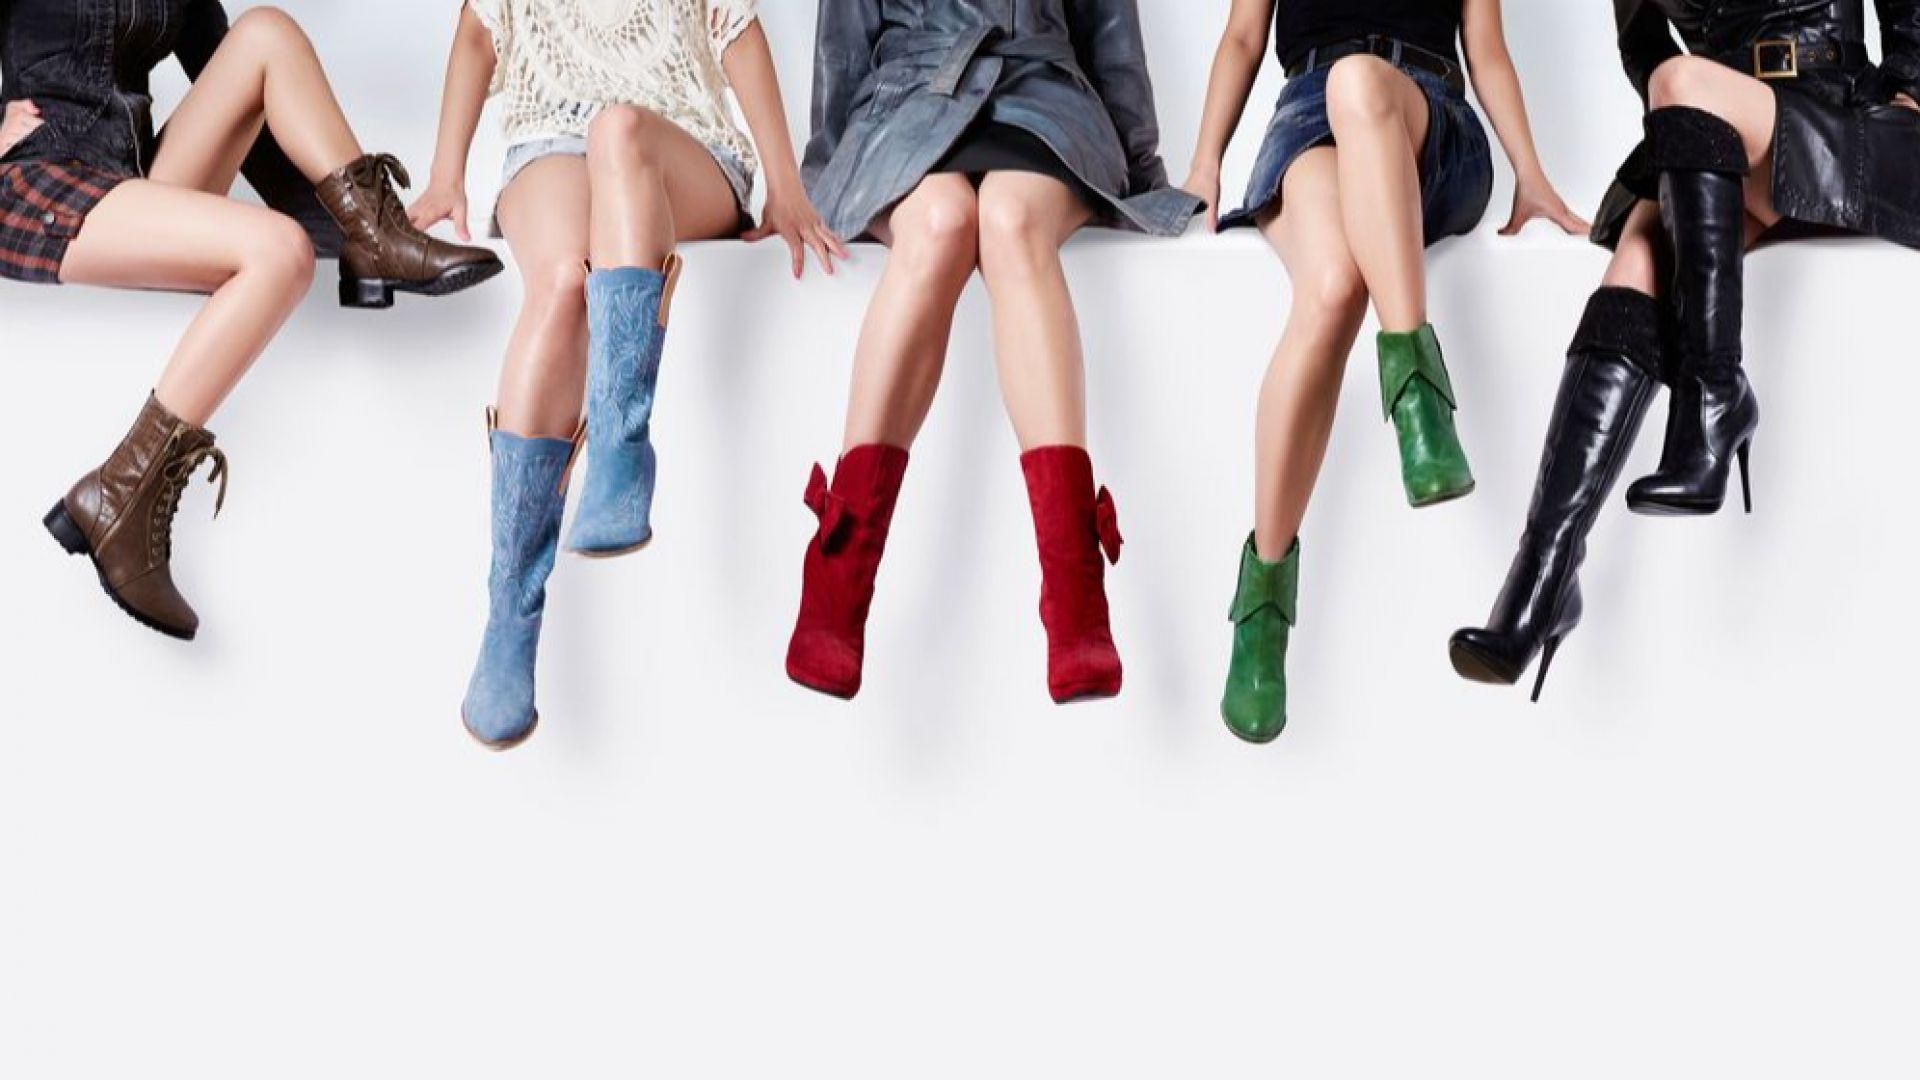 Еволюцията на обувките (галерия)